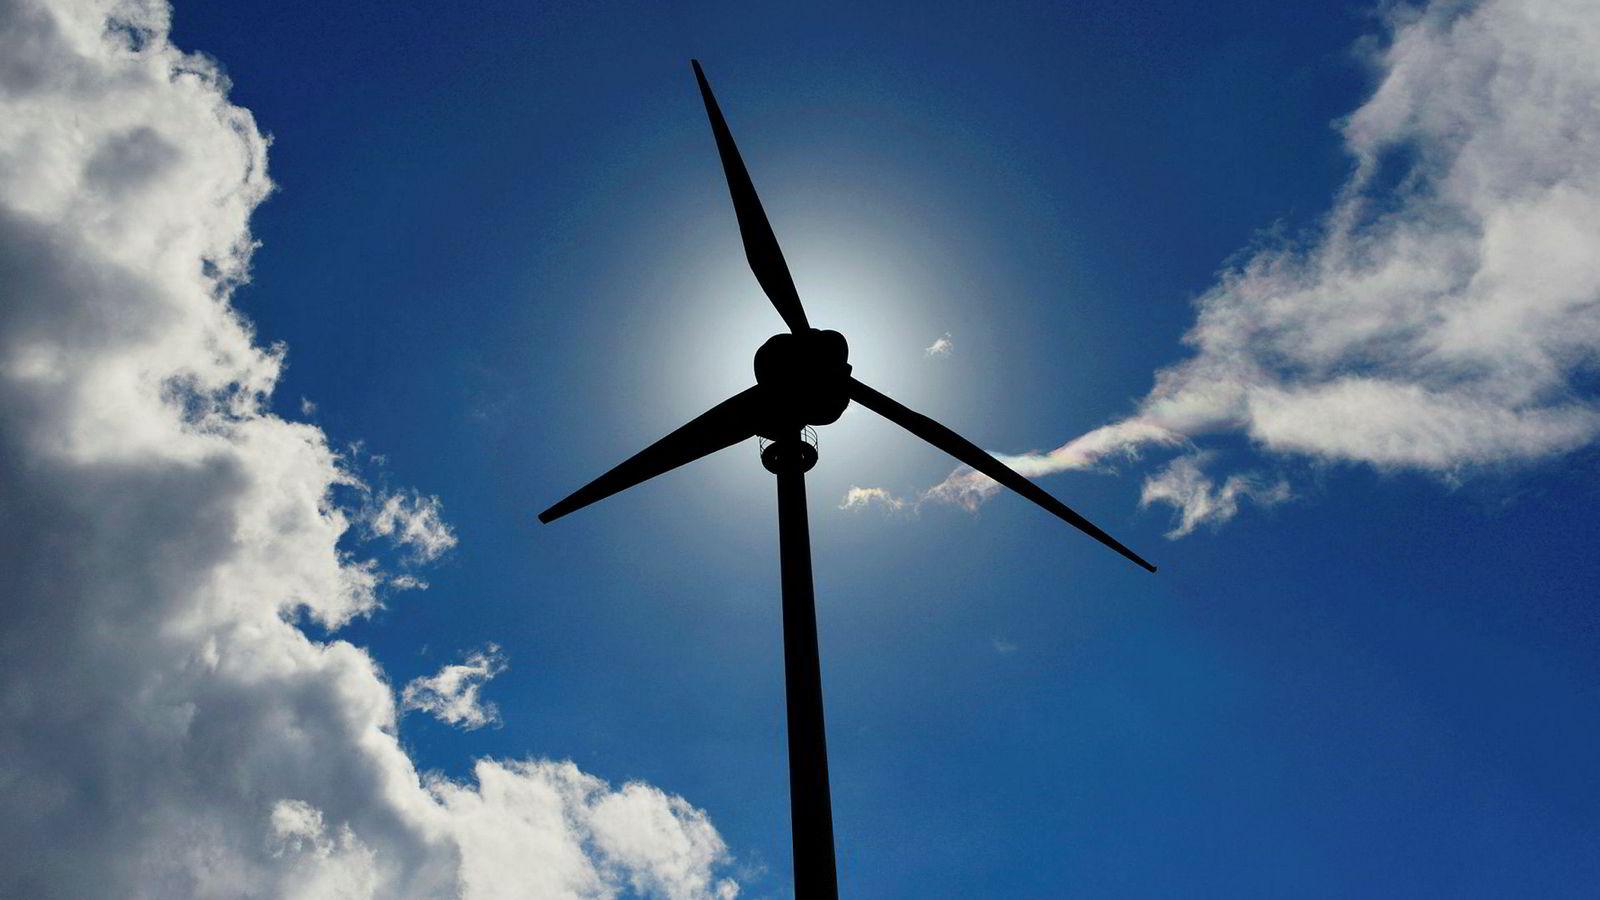 Den nye verdidriveren de neste mange årene kommer trolig til å bli vindkraft, skriver artikkelforfatteren.